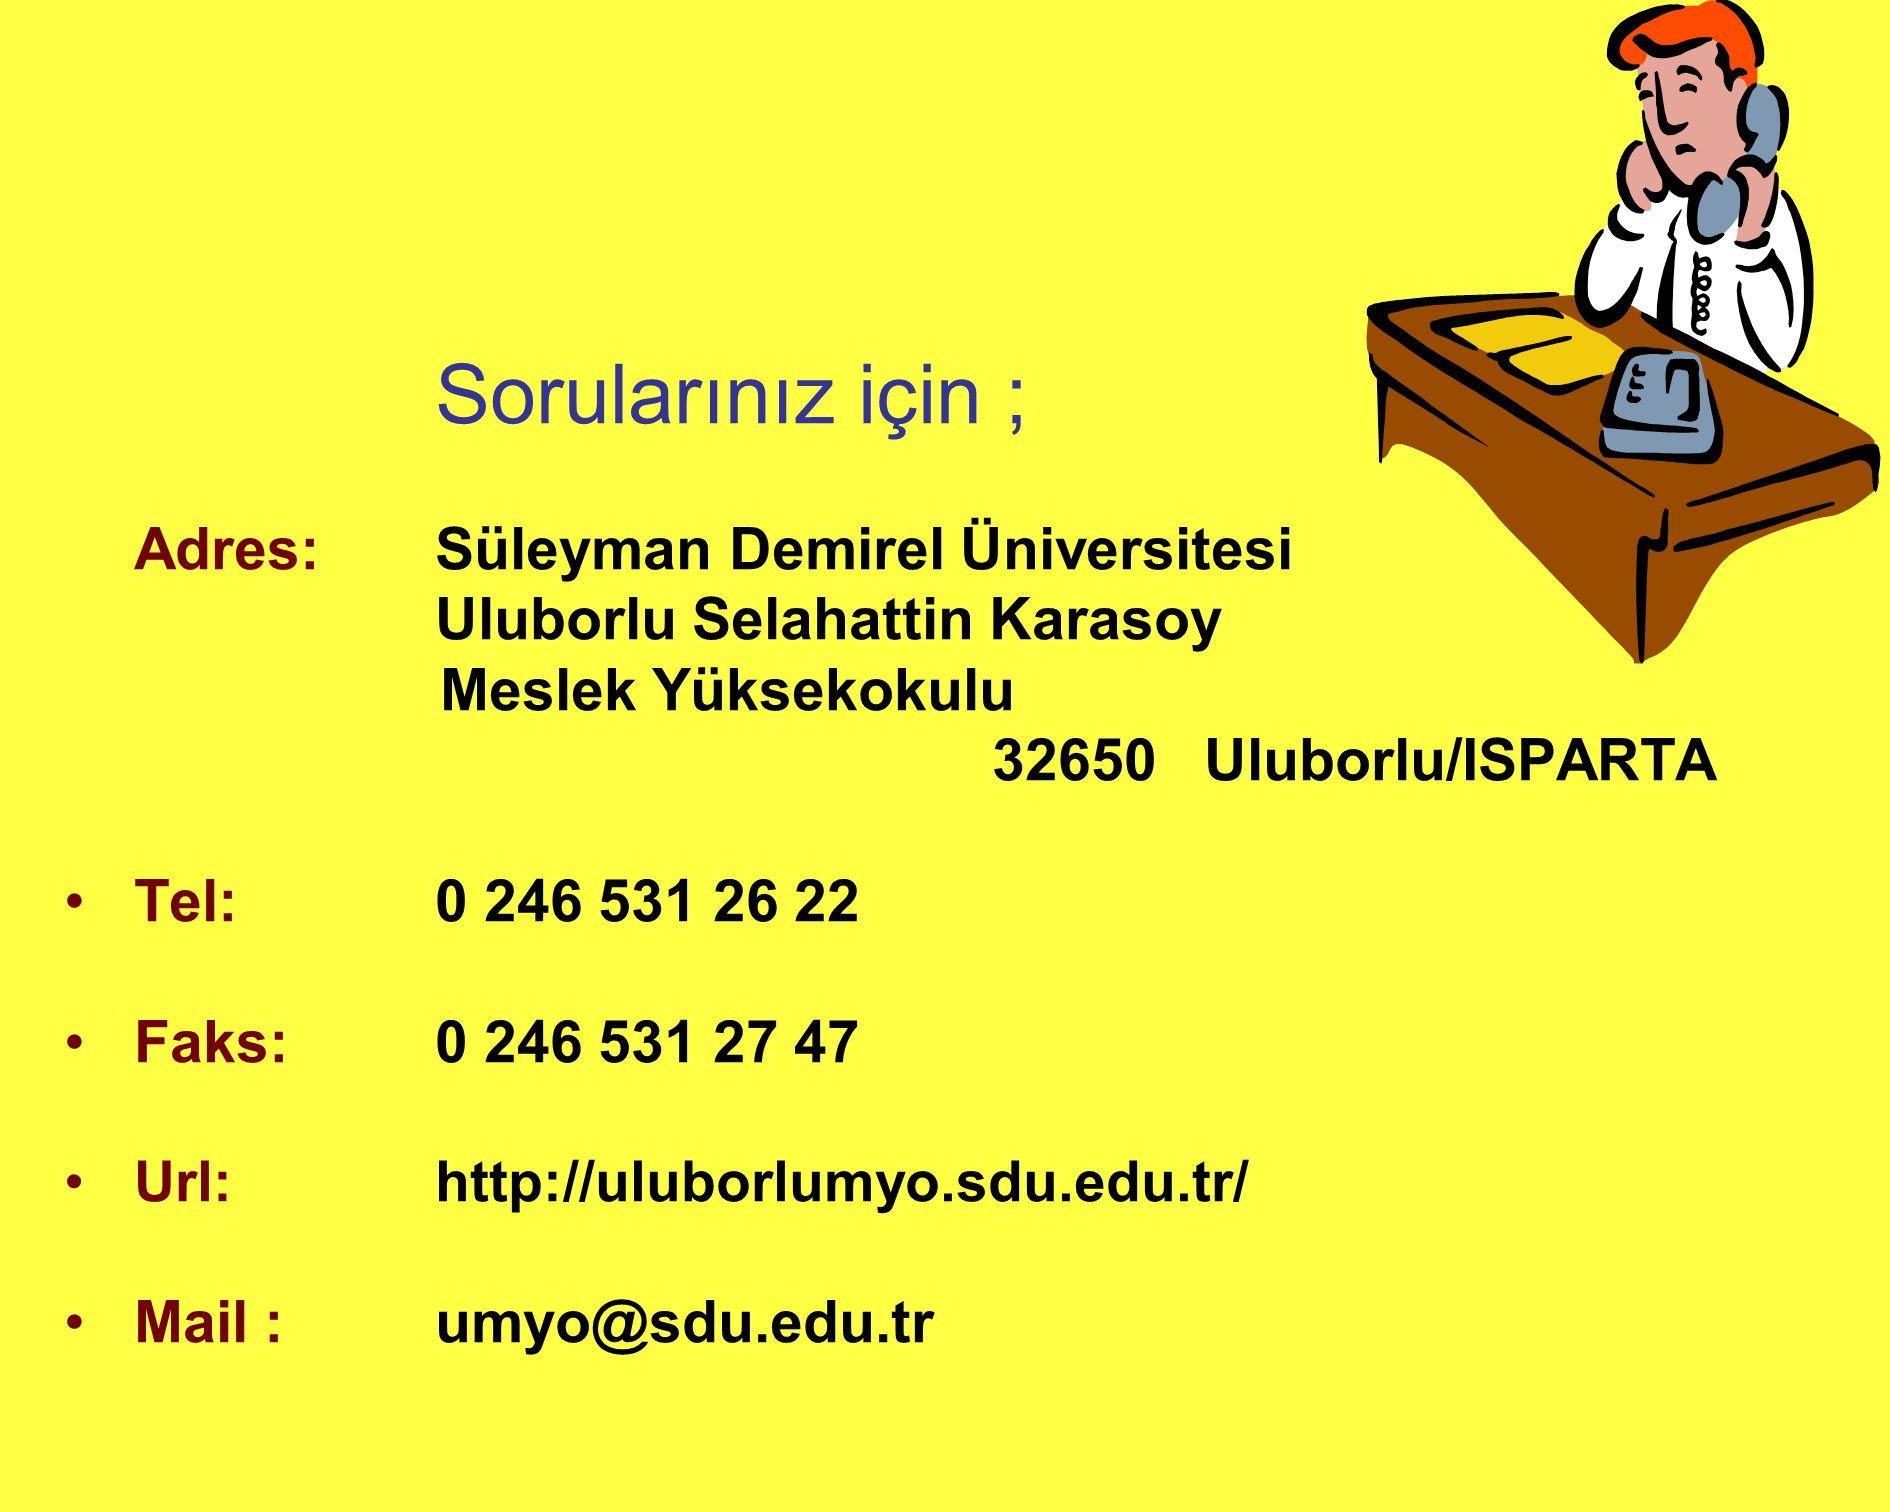 Sorularınız için ; Adres: Süleyman Demirel Üniversitesi Uluborlu Selahattin Karasoy Meslek Yüksekokulu 32650 Uluborlu/ISPARTA •Tel: 0 246 531 26 22 •F